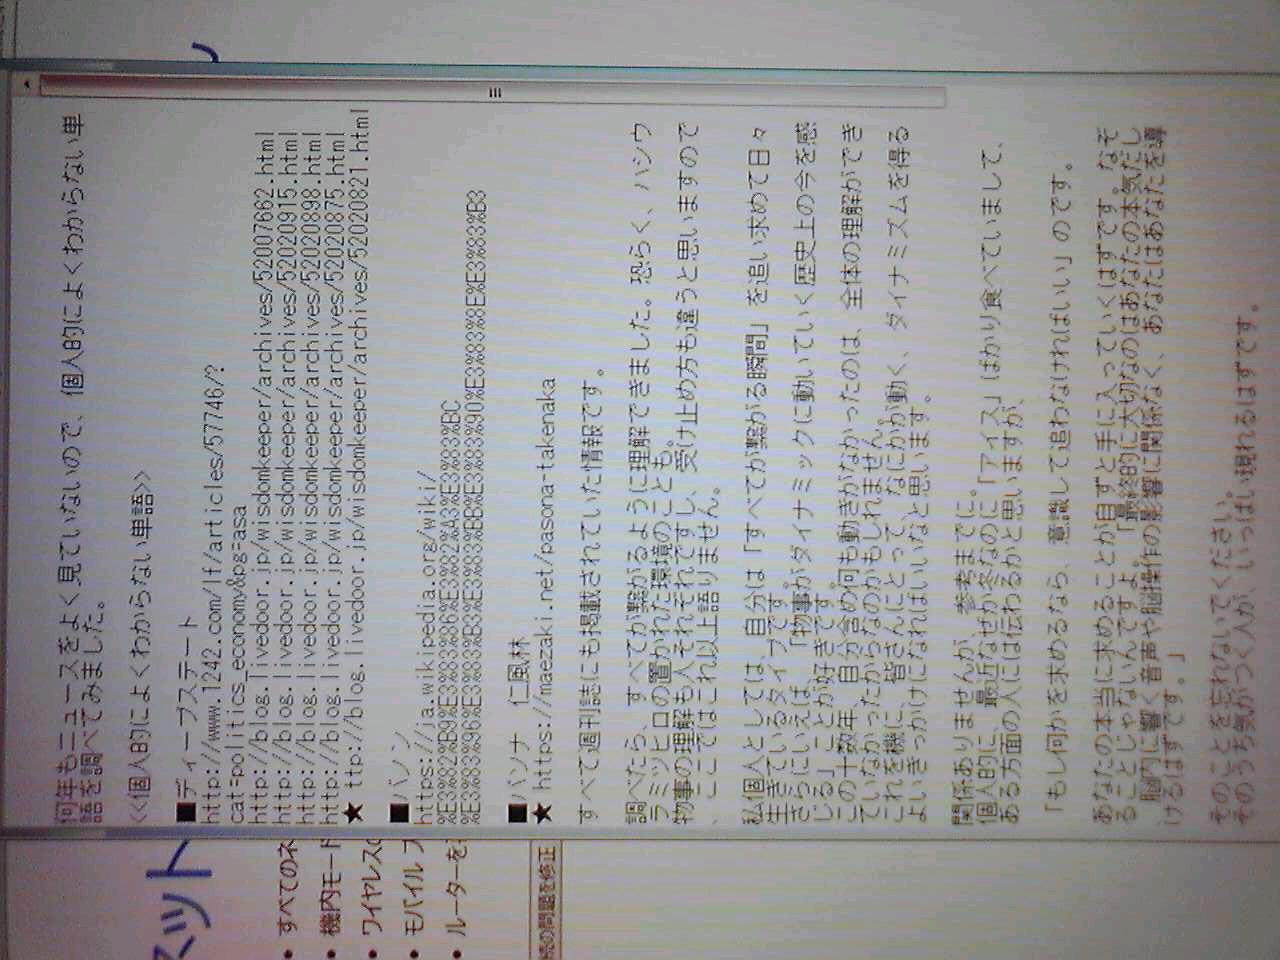 f:id:uta_stream:20180116153637j:plain